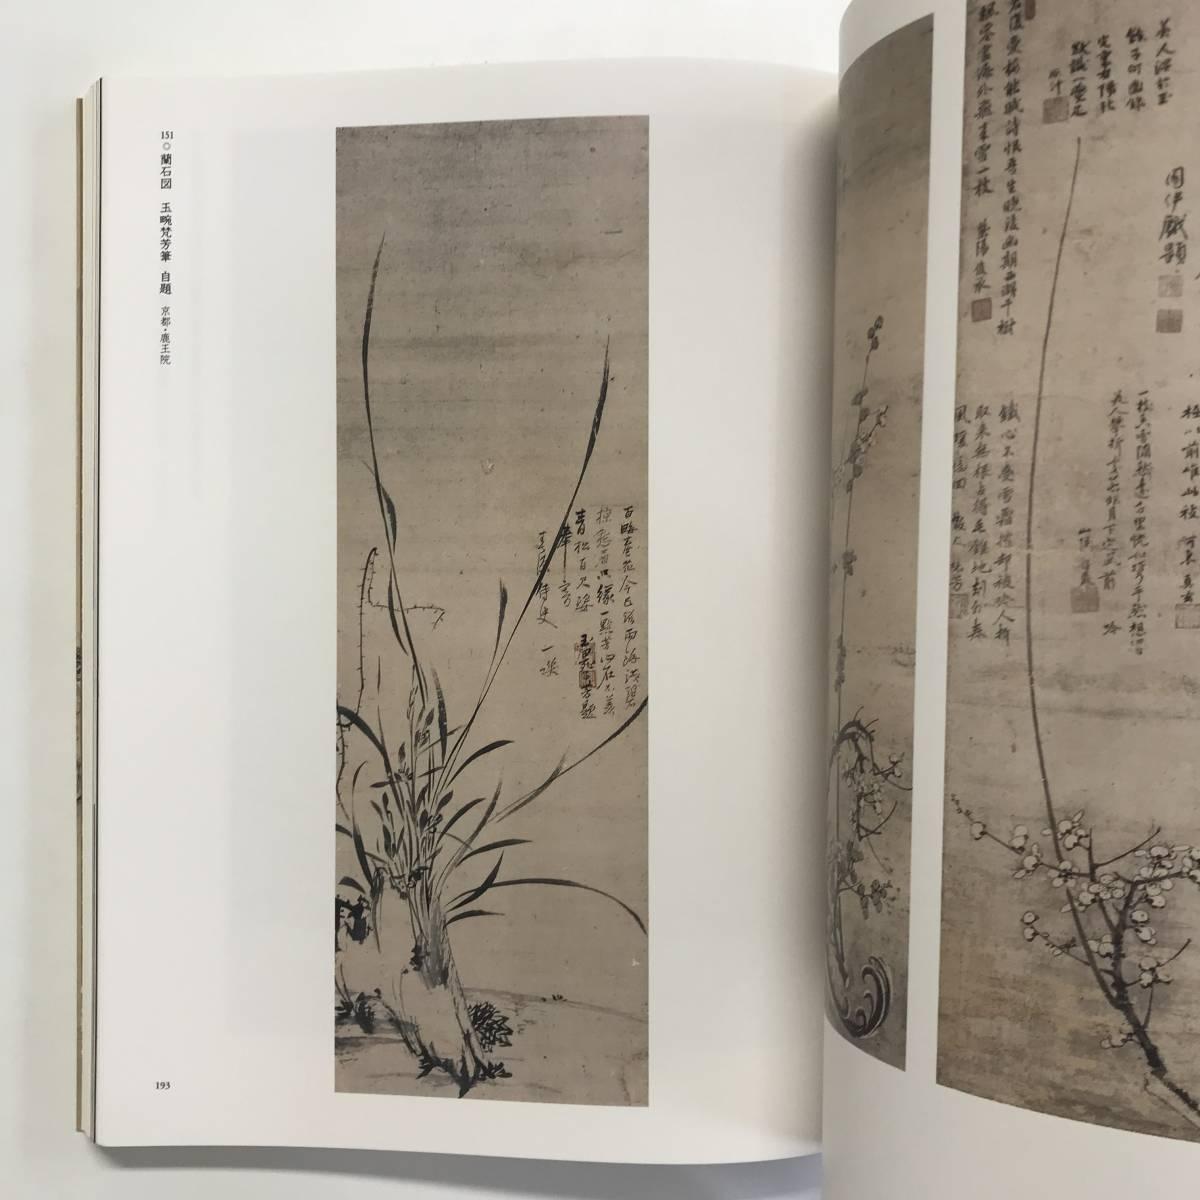 「京都五山 禅の文化」展 足利義満六百年御忌記念 2007-8 東京国立博物館ほか 図録 t00712_d11_画像4